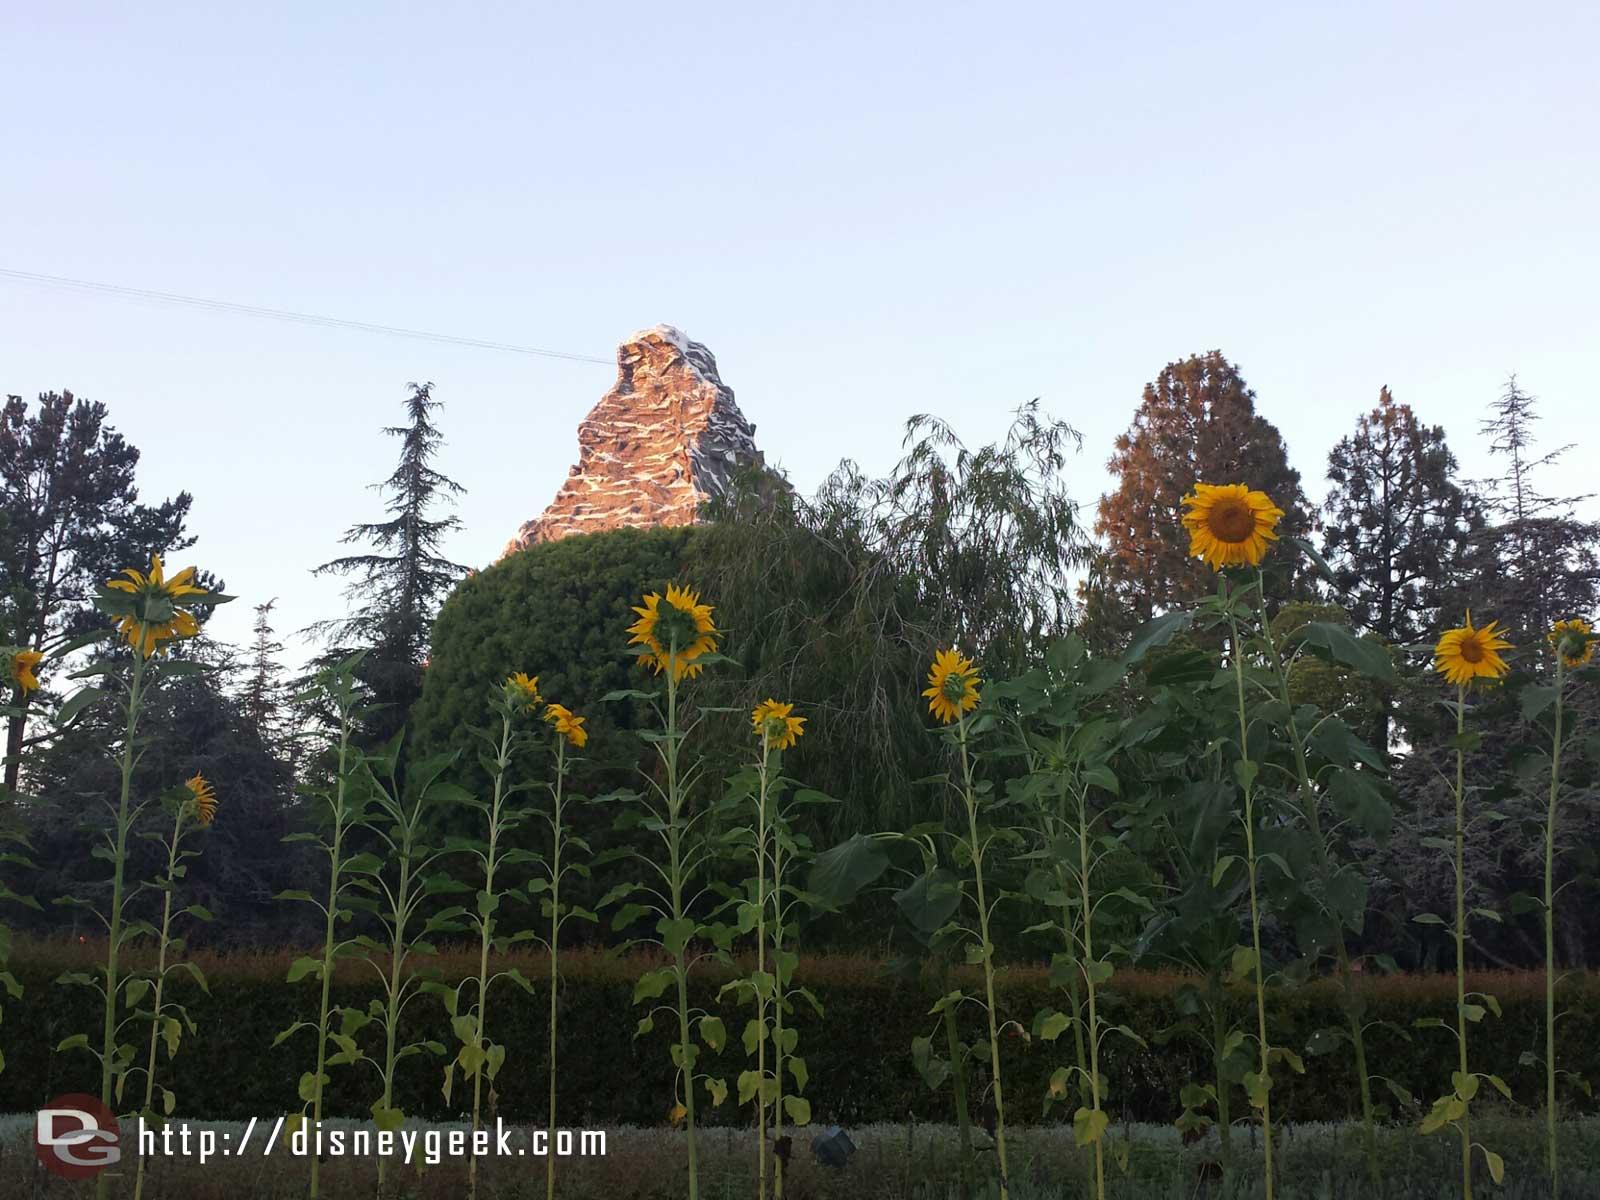 Matterhorn with sun flowers